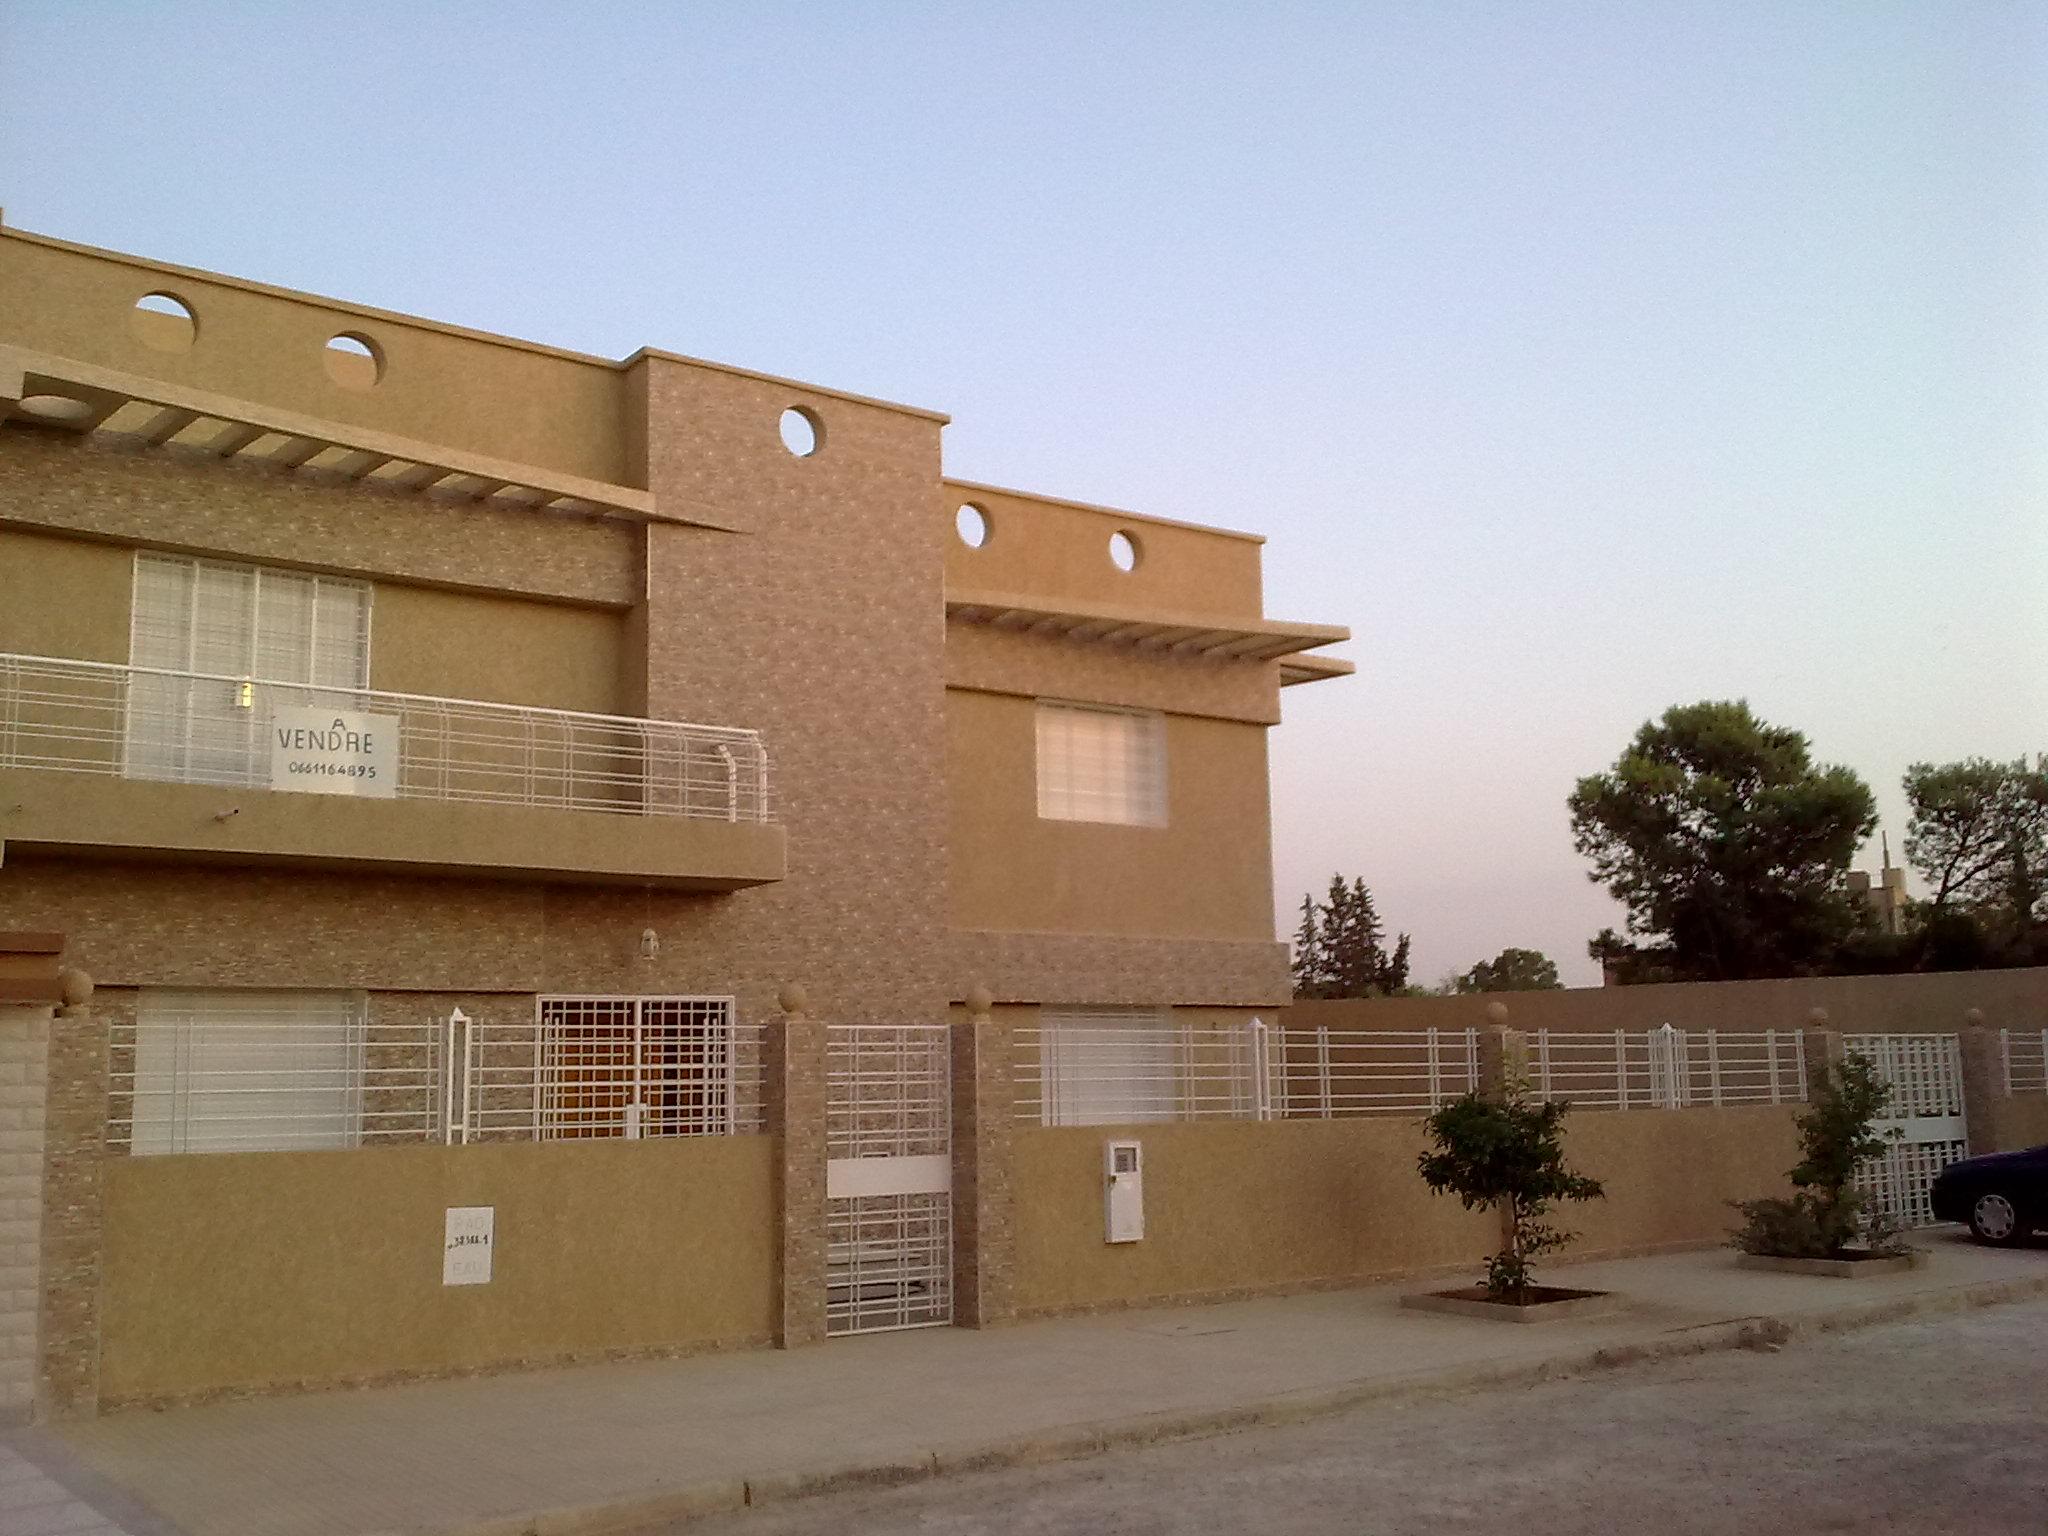 villa vendre oujda maroc vente villa oujda pas cher p2. Black Bedroom Furniture Sets. Home Design Ideas